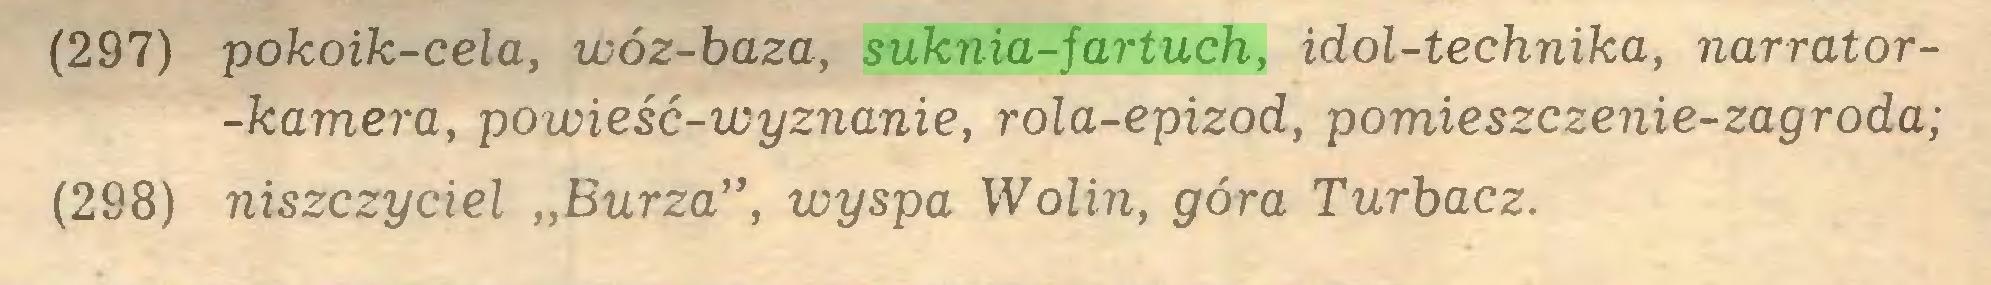 """(...) (297) pokoik-cela, wóz-baza, suknia-fartuch, idol-technika, narrator-kamera, powieść-wyznanie, rola-epizod, pomieszczenie-zagroda; (298) niszczyciel """"Burza"""", wyspa Wolin, góra Turbacz..."""